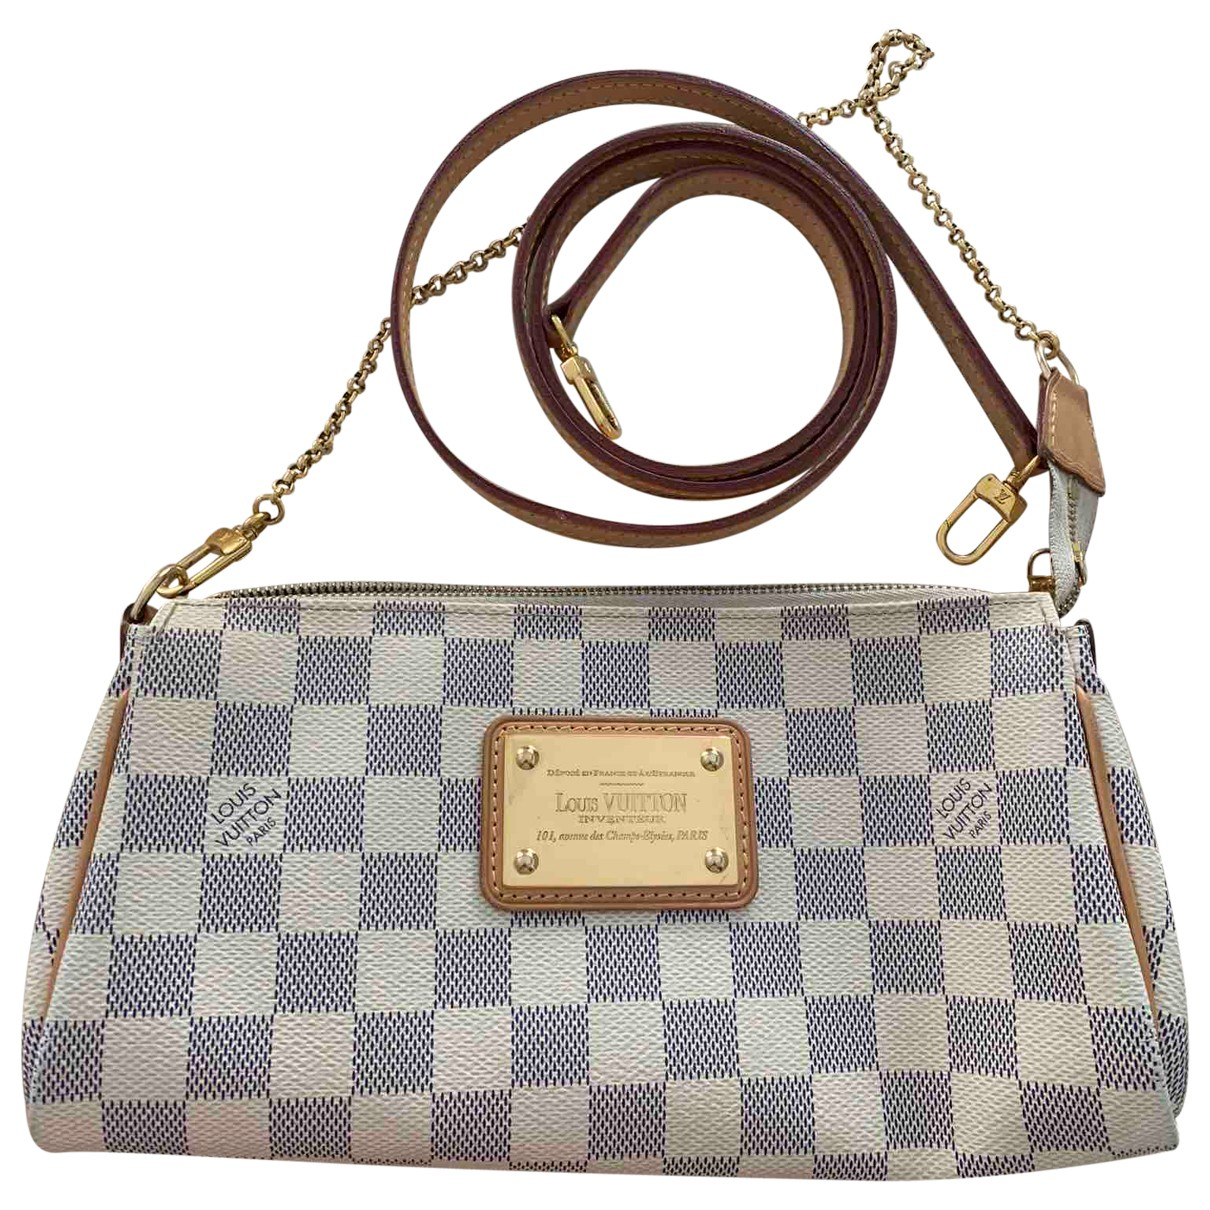 Pochette Eva de Lona Louis Vuitton